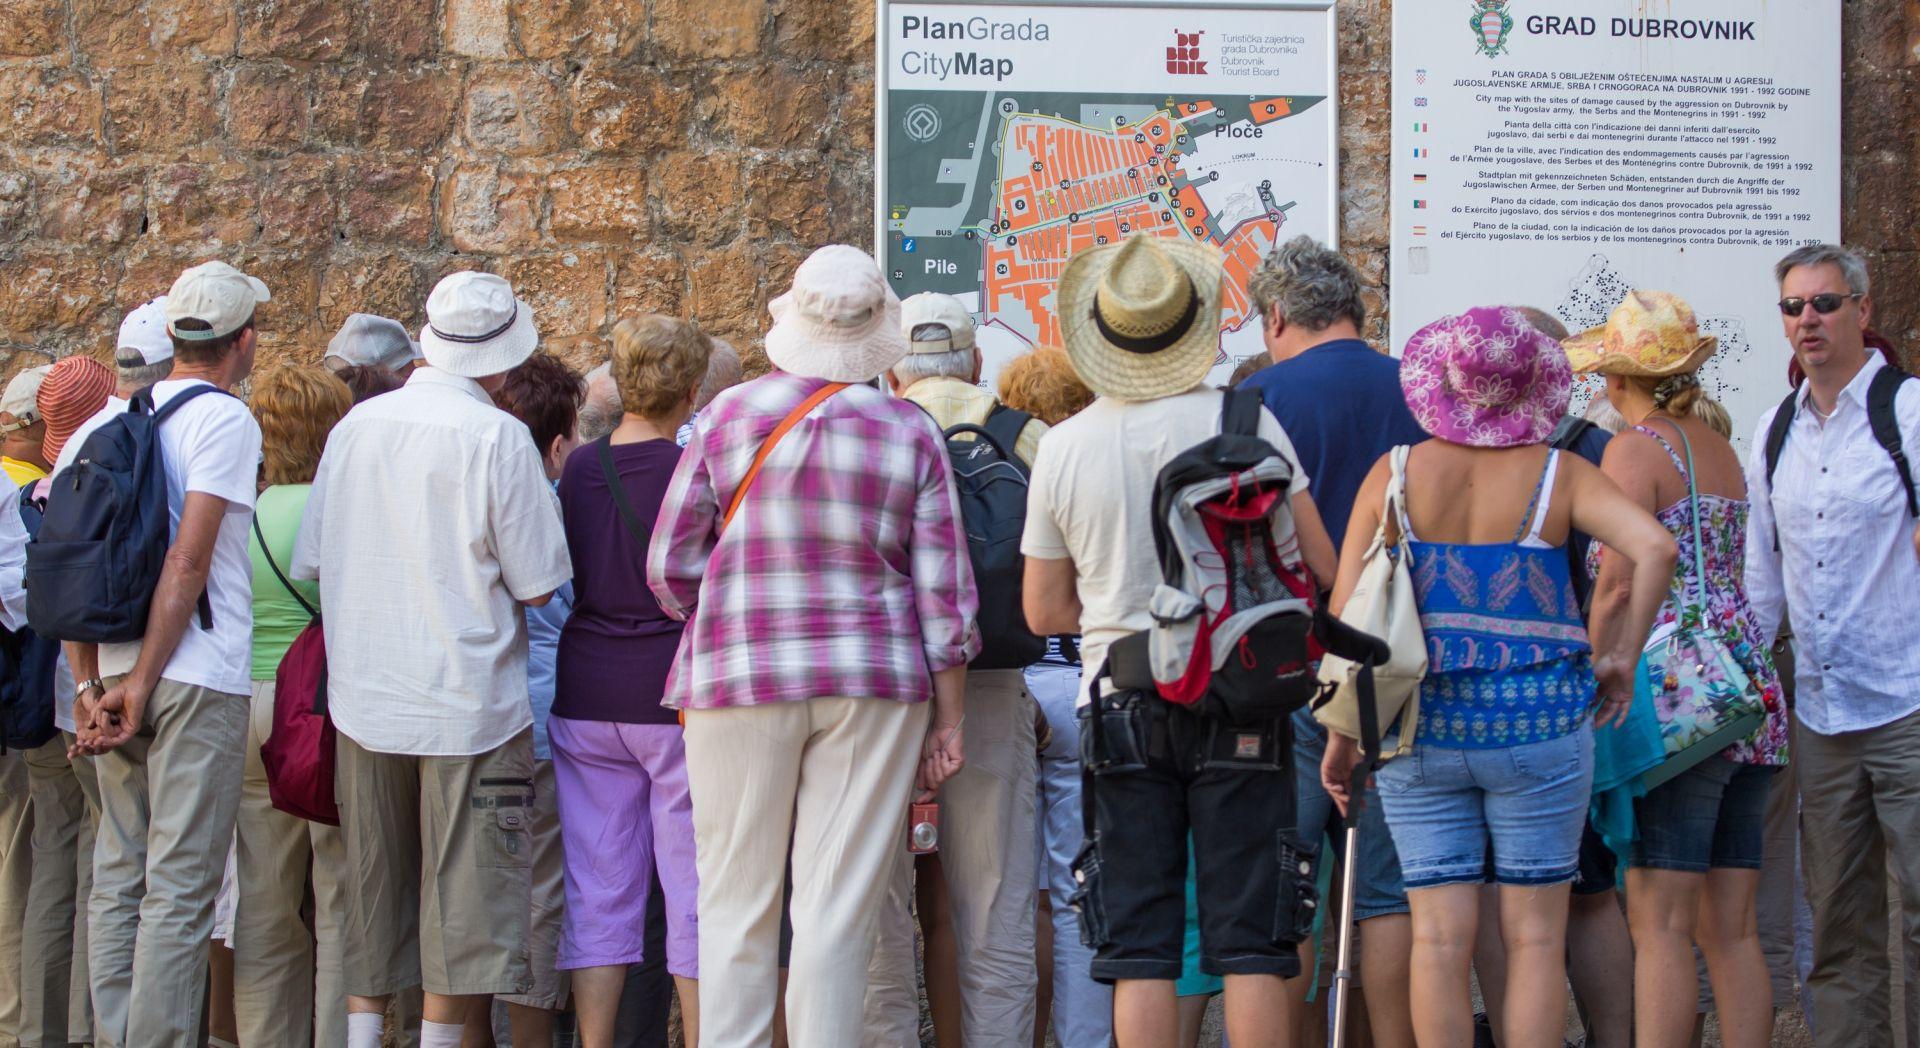 'MILIJARDA TURISTA, MILIJARDA PRILIKA' Svjetski dan turizma, Hrvatska bilježi poraste